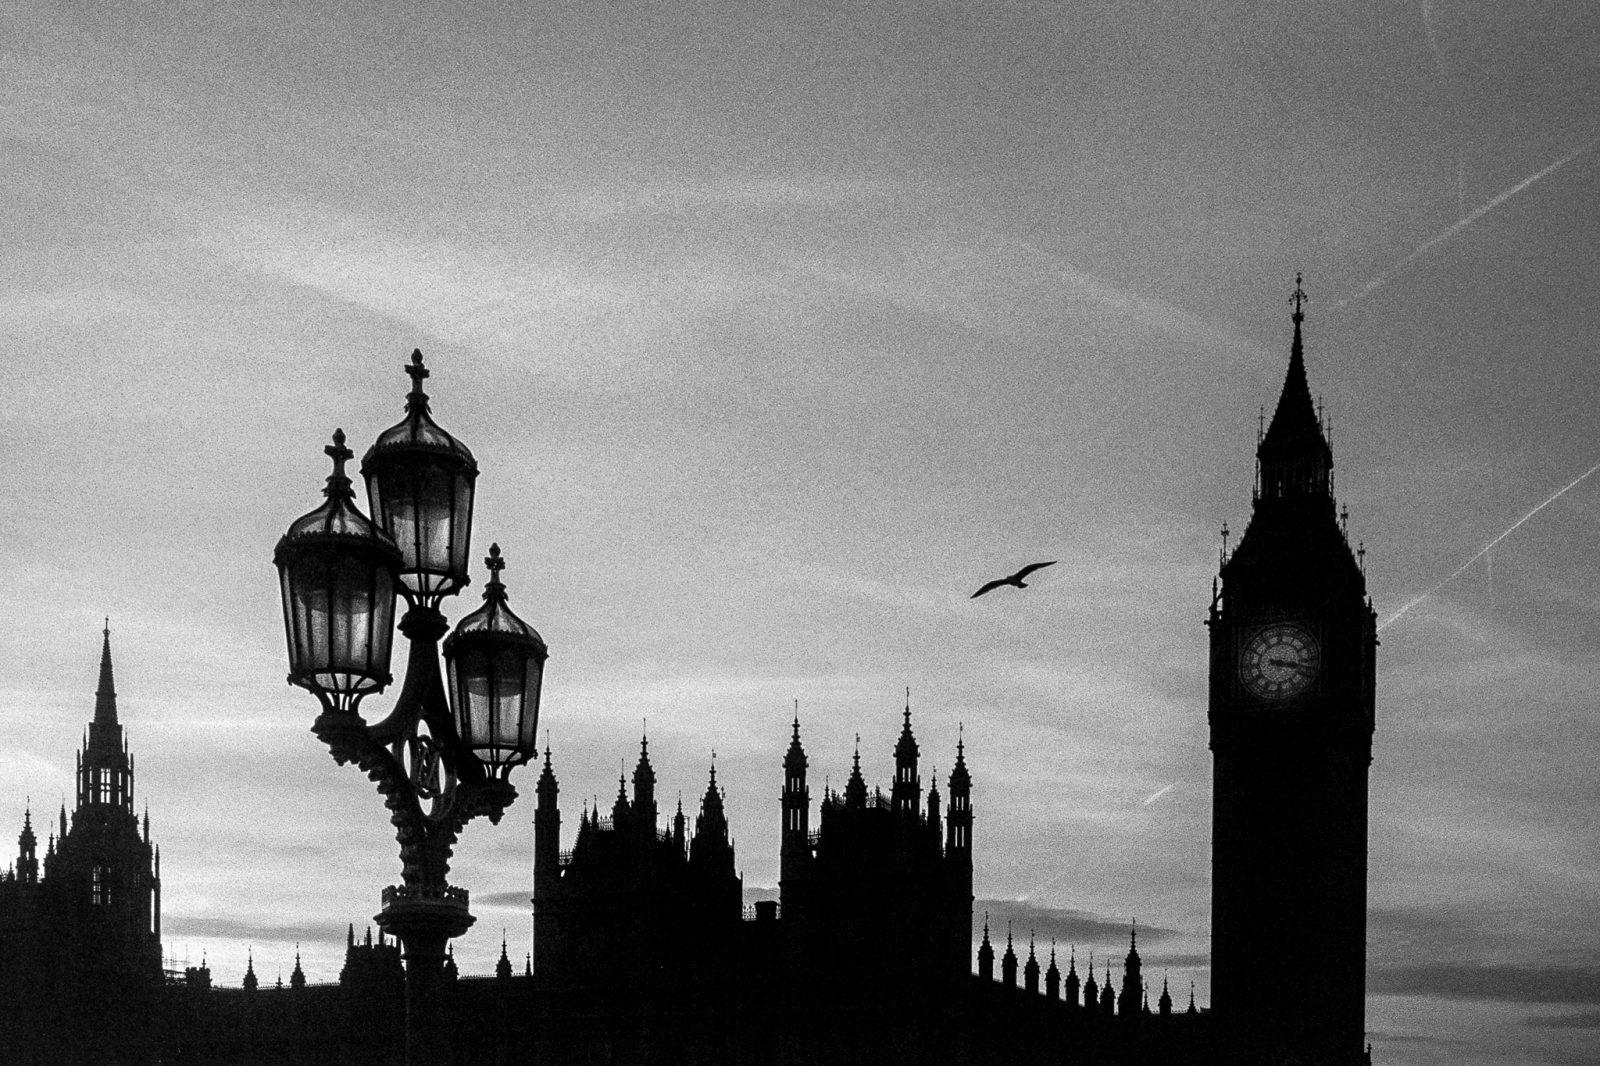 Soaring over Westminster